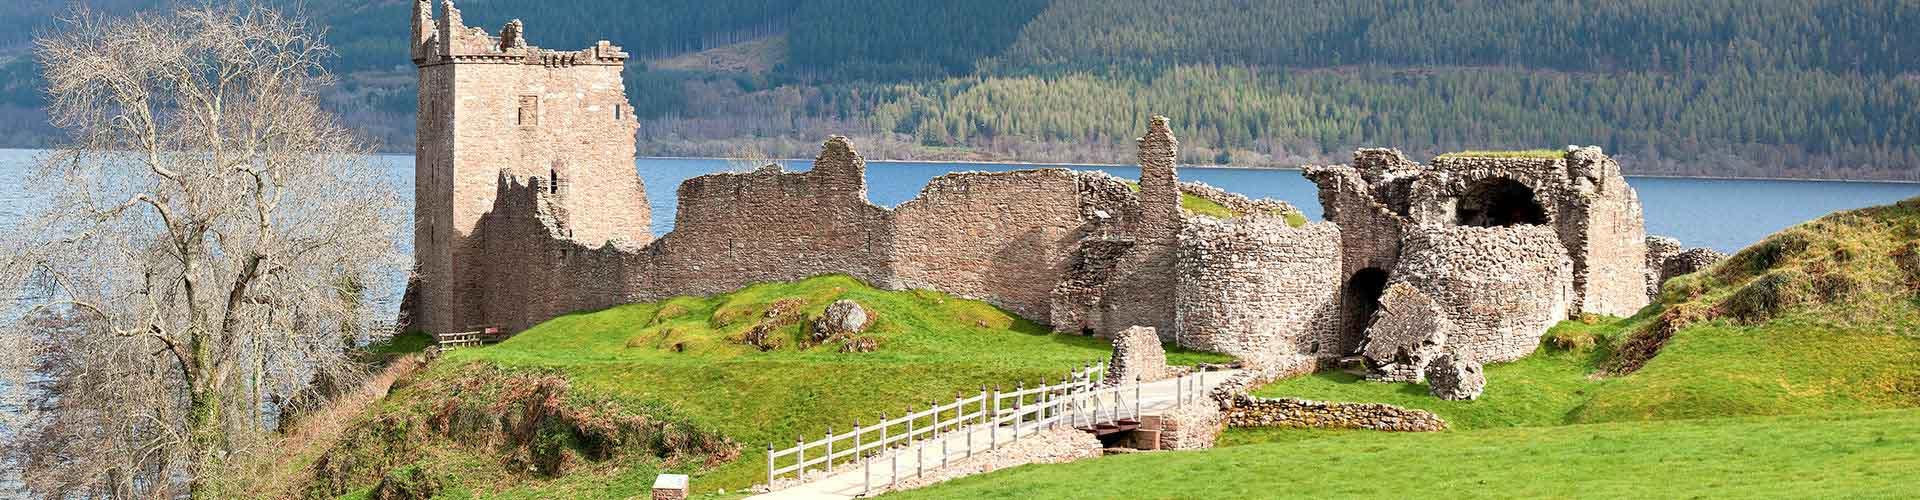 Loch Ness - Apartamentos en Loch Ness. Mapas de Loch Ness, Fotos y comentarios de cada Apartamento en Loch Ness.